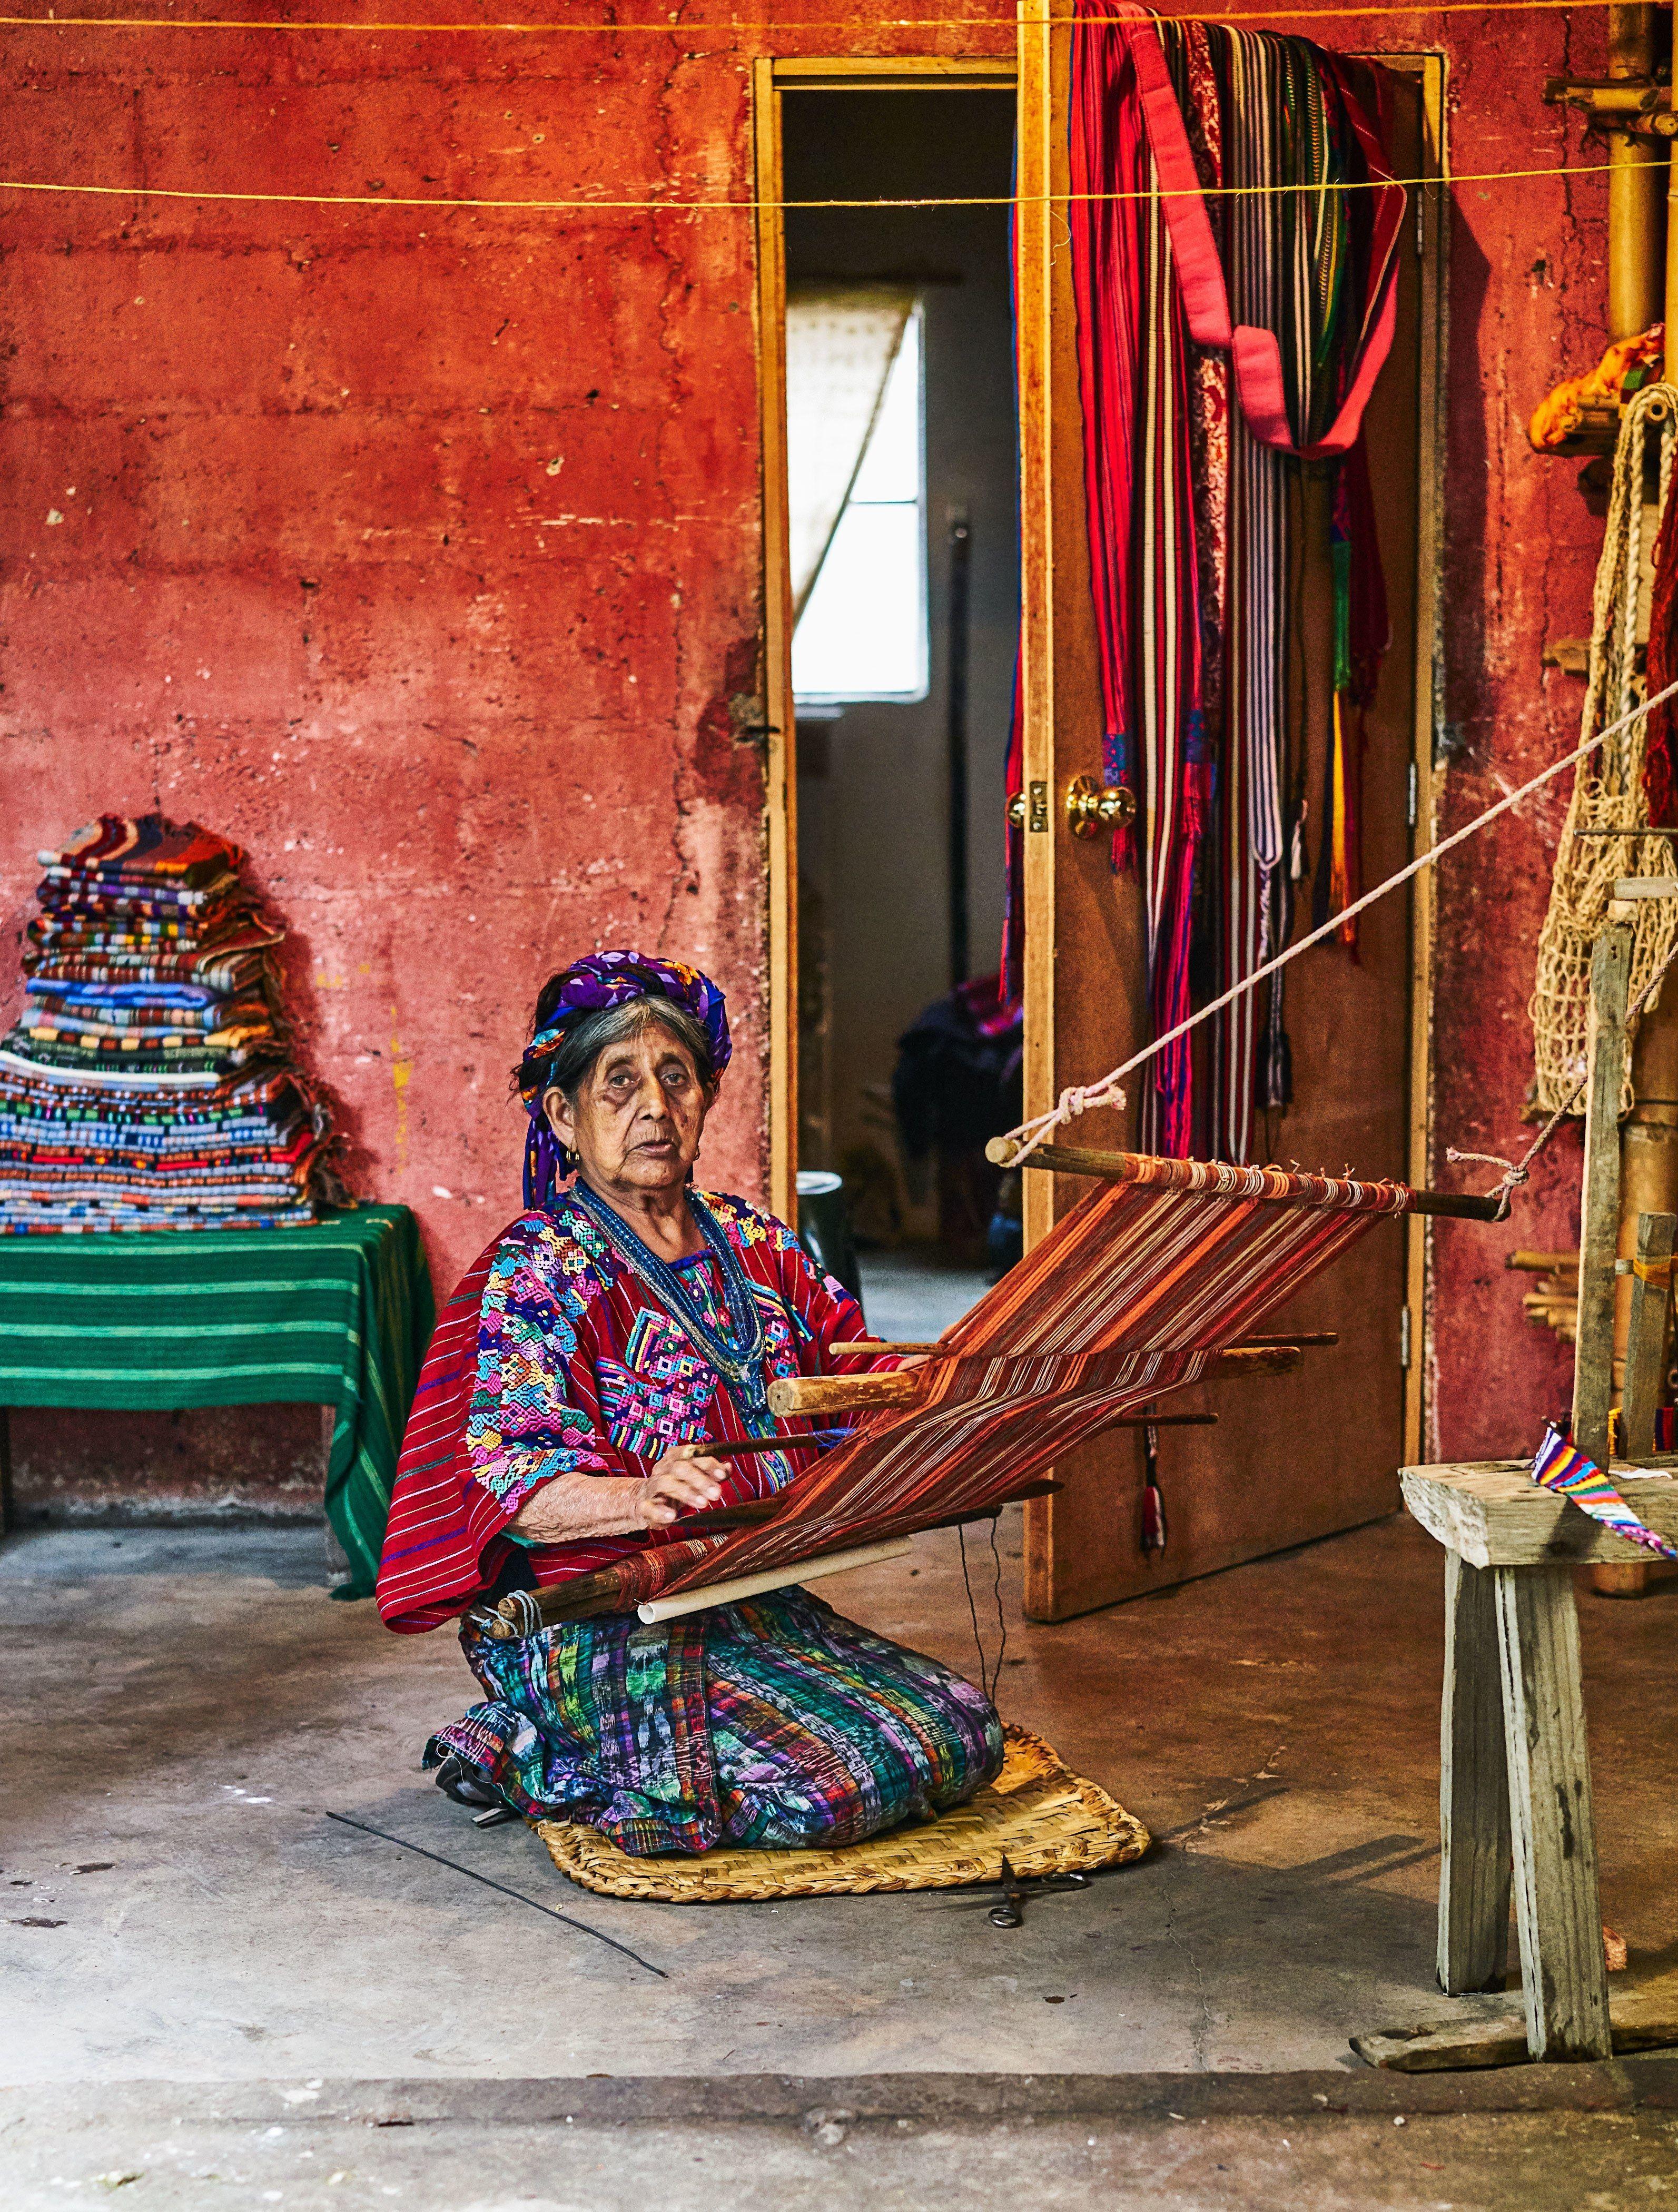 The Surprising Origin Behind This Guatemalan Weaving